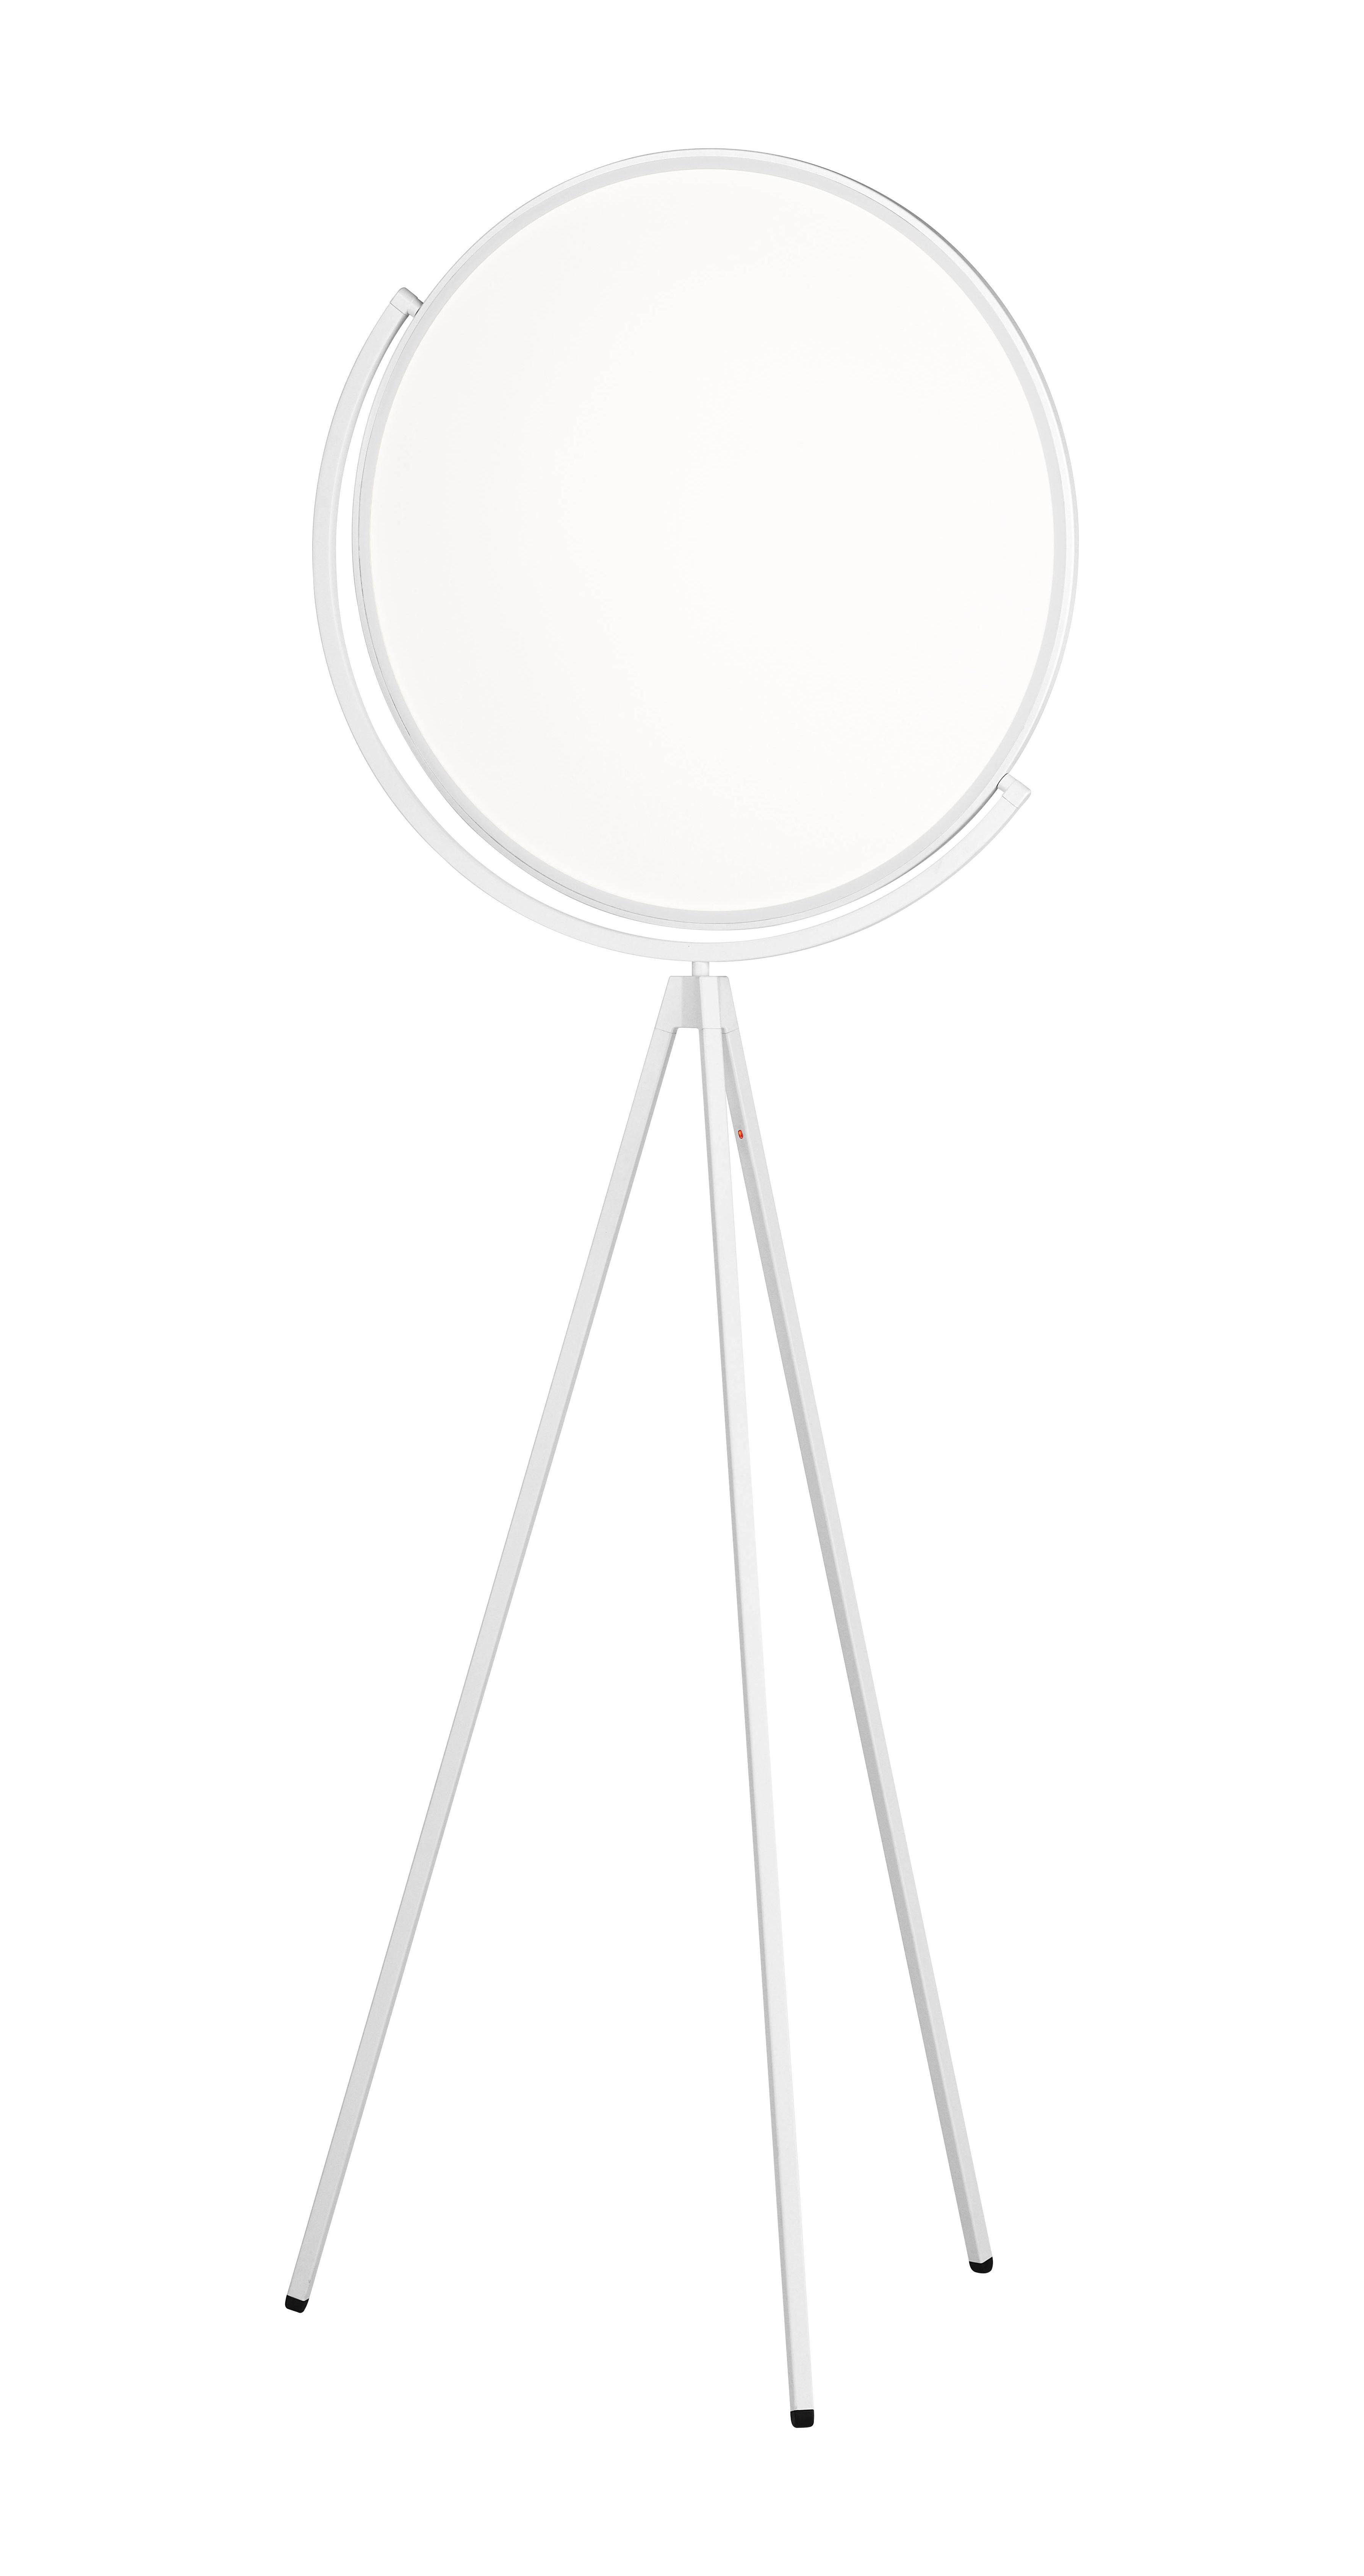 Illuminazione - Lampade da terra - Lampada Superloon LED / H 197 cm - Orientabile - Flos - Bianco - alluminio verniciato, PMMA